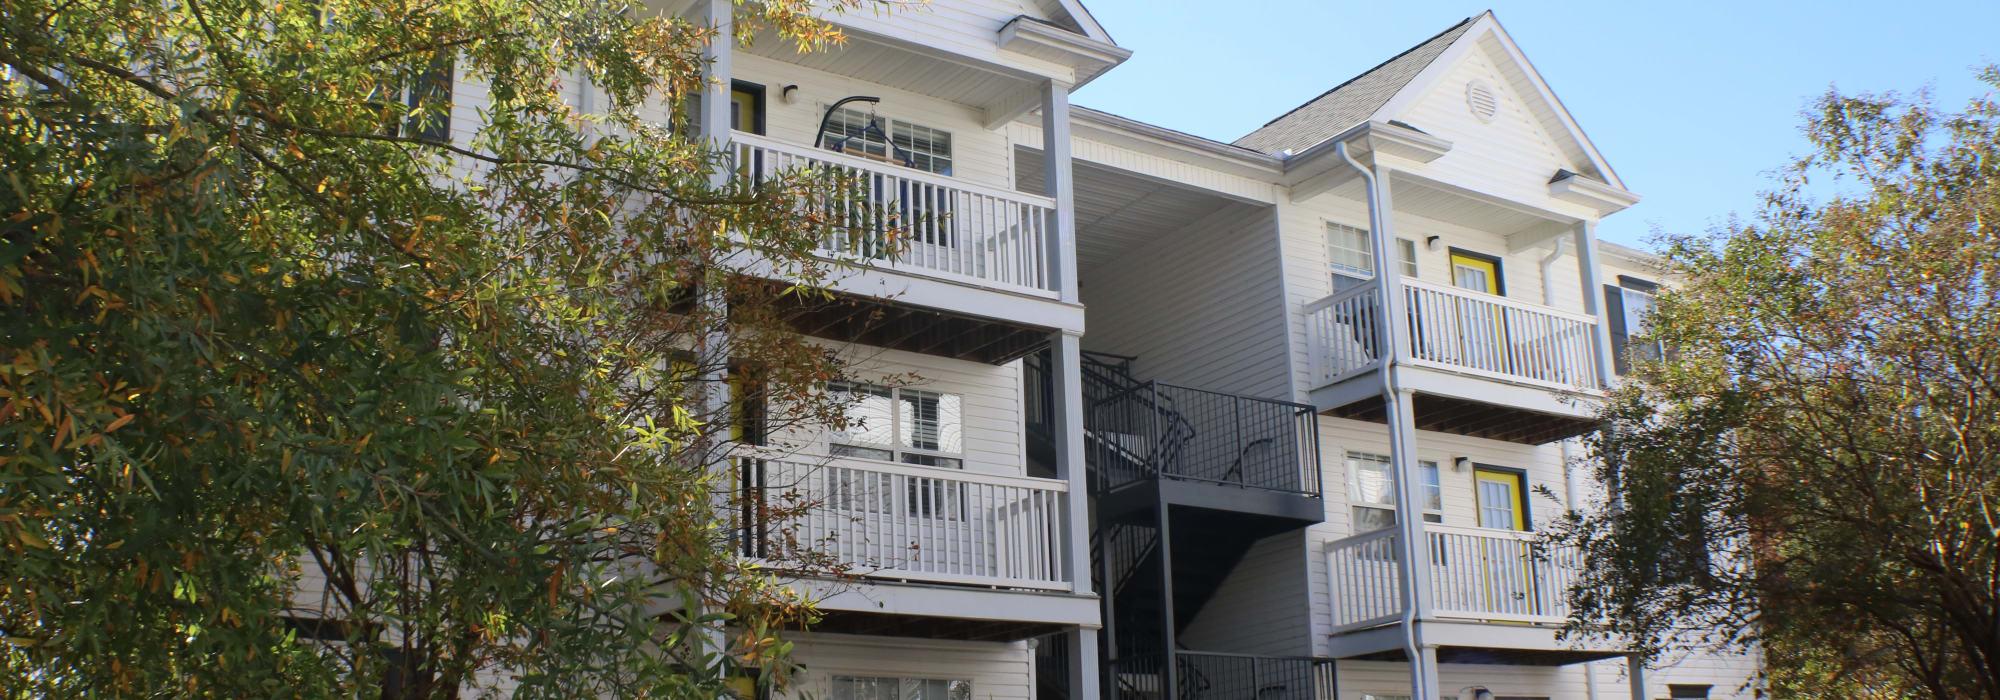 Apartments in Clemson, SC